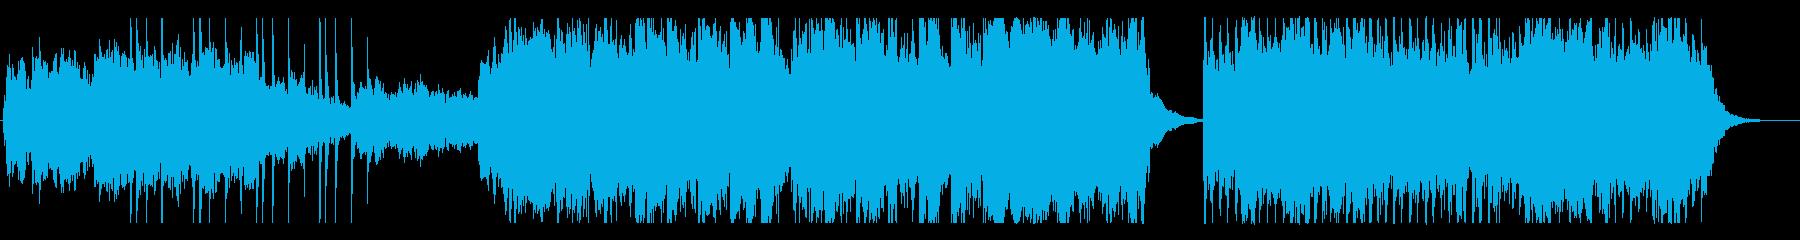 壮大なイメージのサウンドとvocalの再生済みの波形